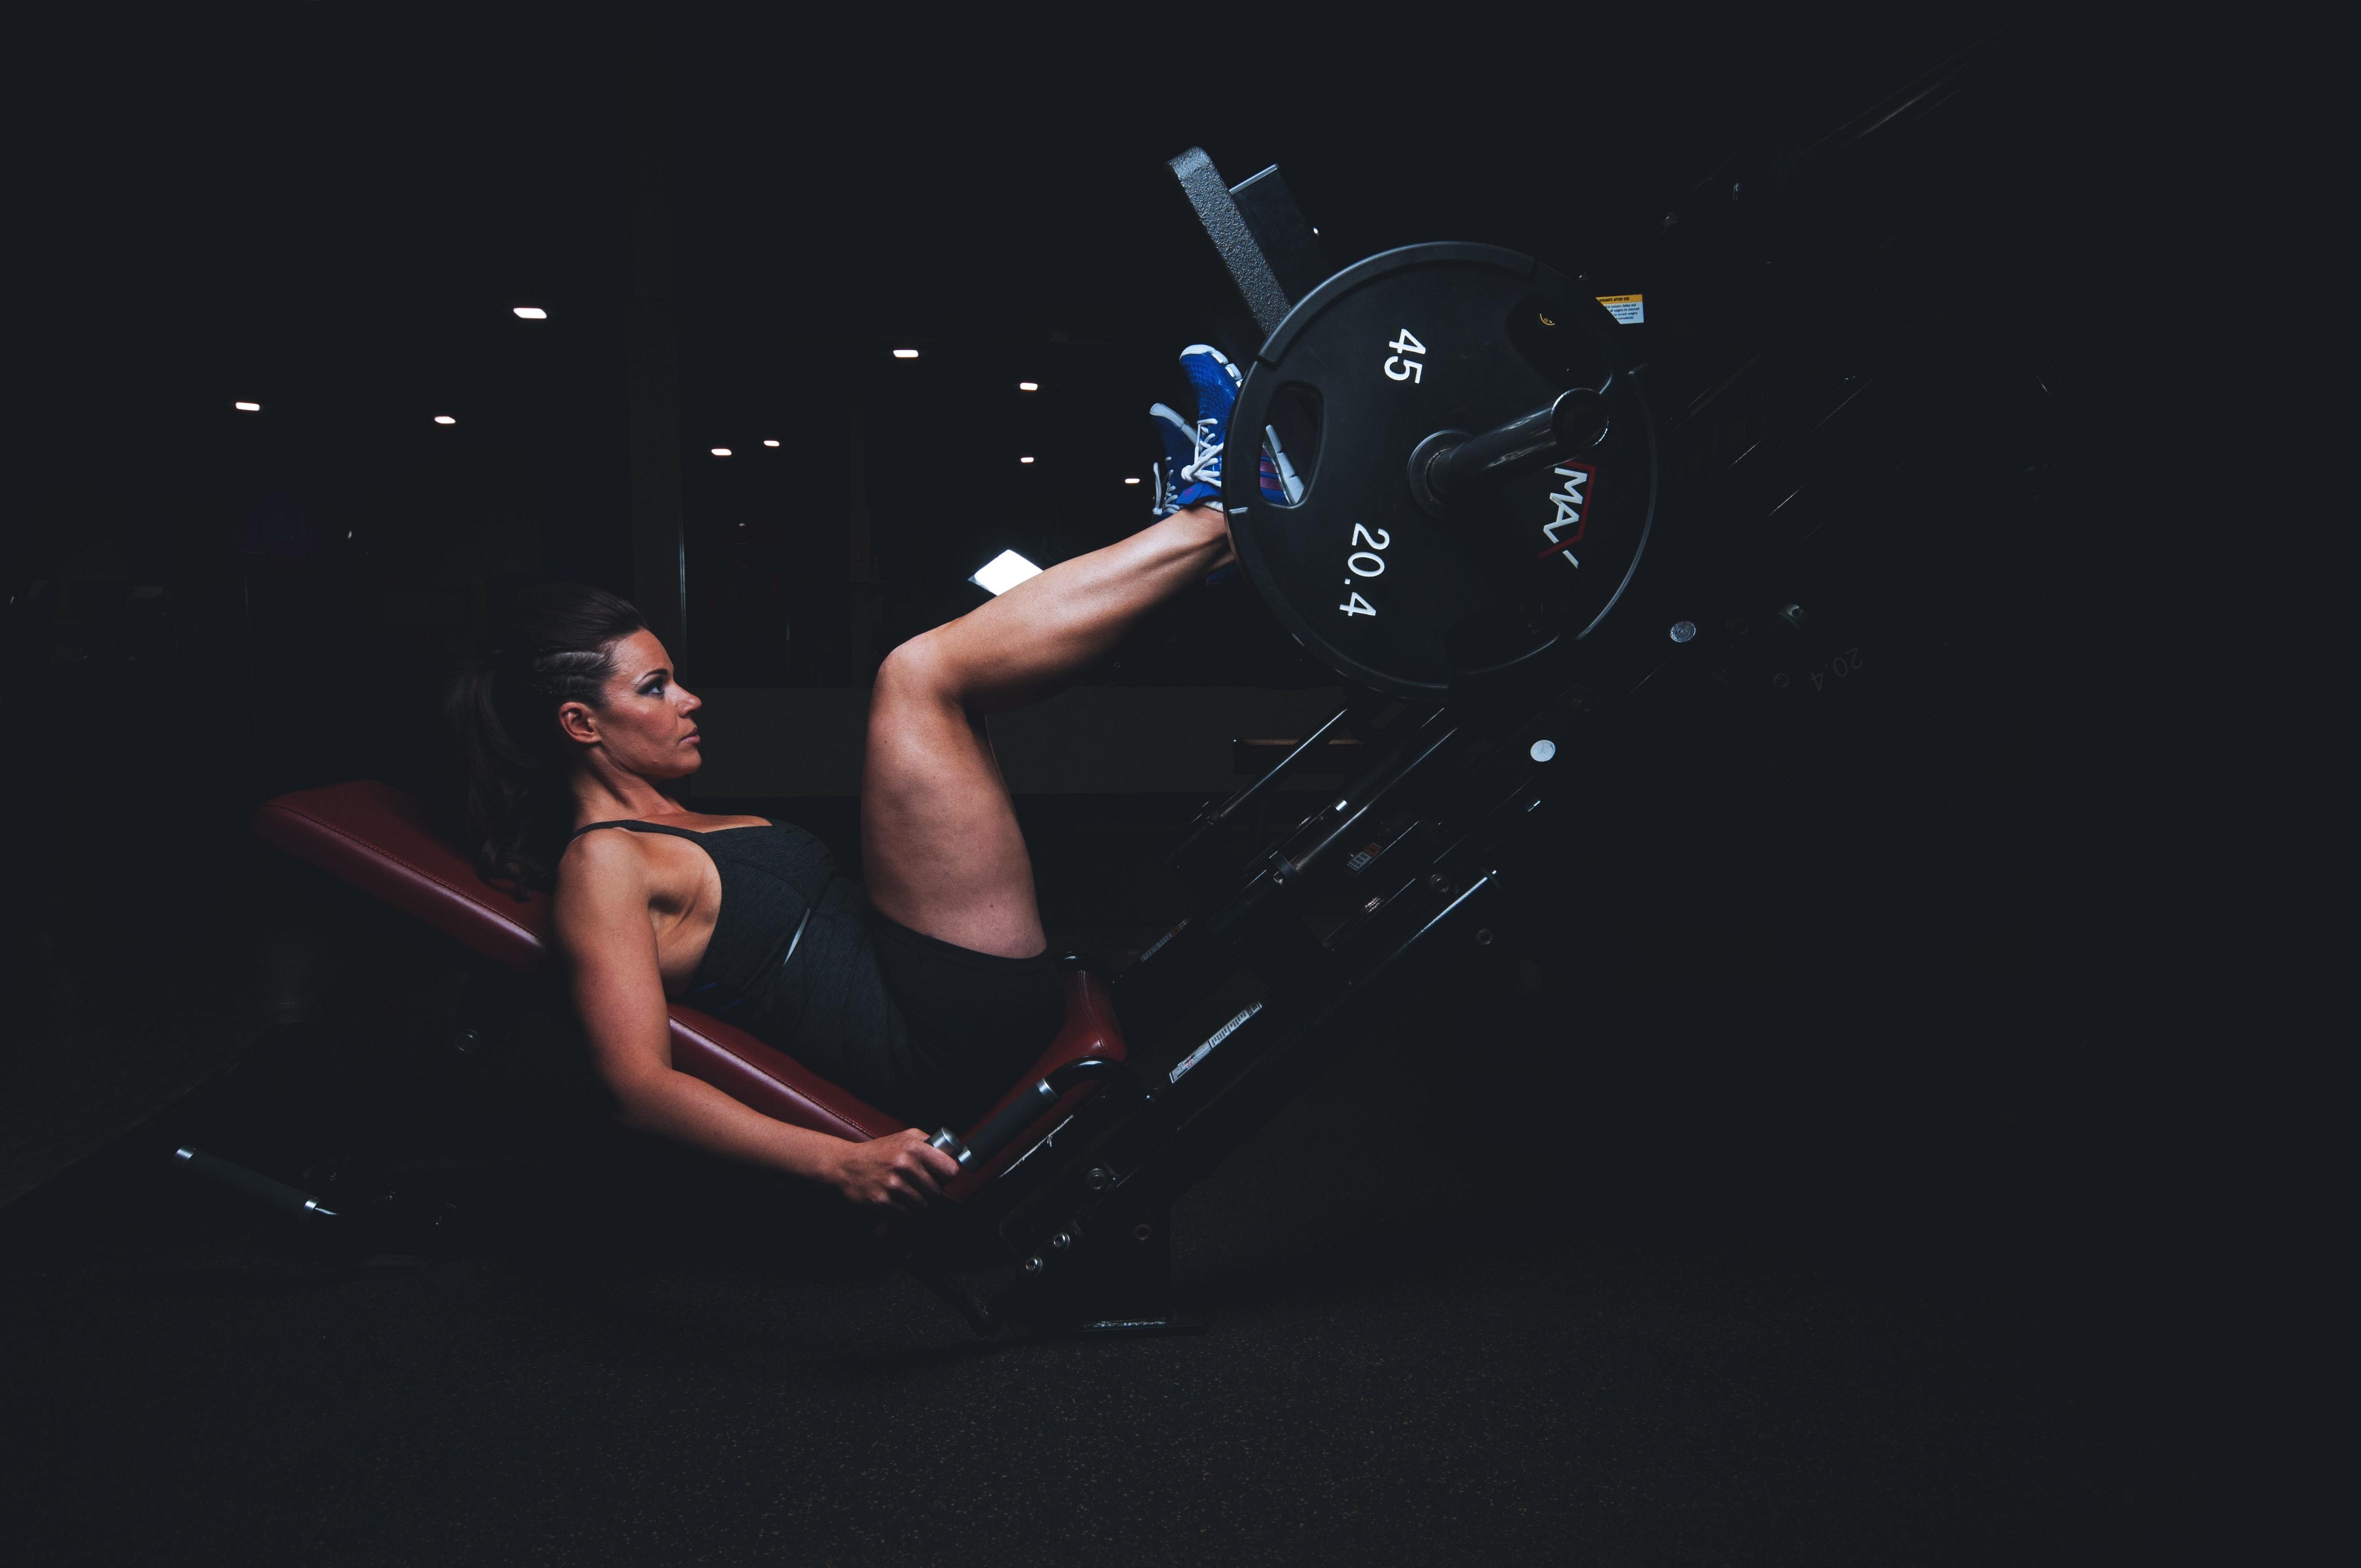 スポーツとトレーニング